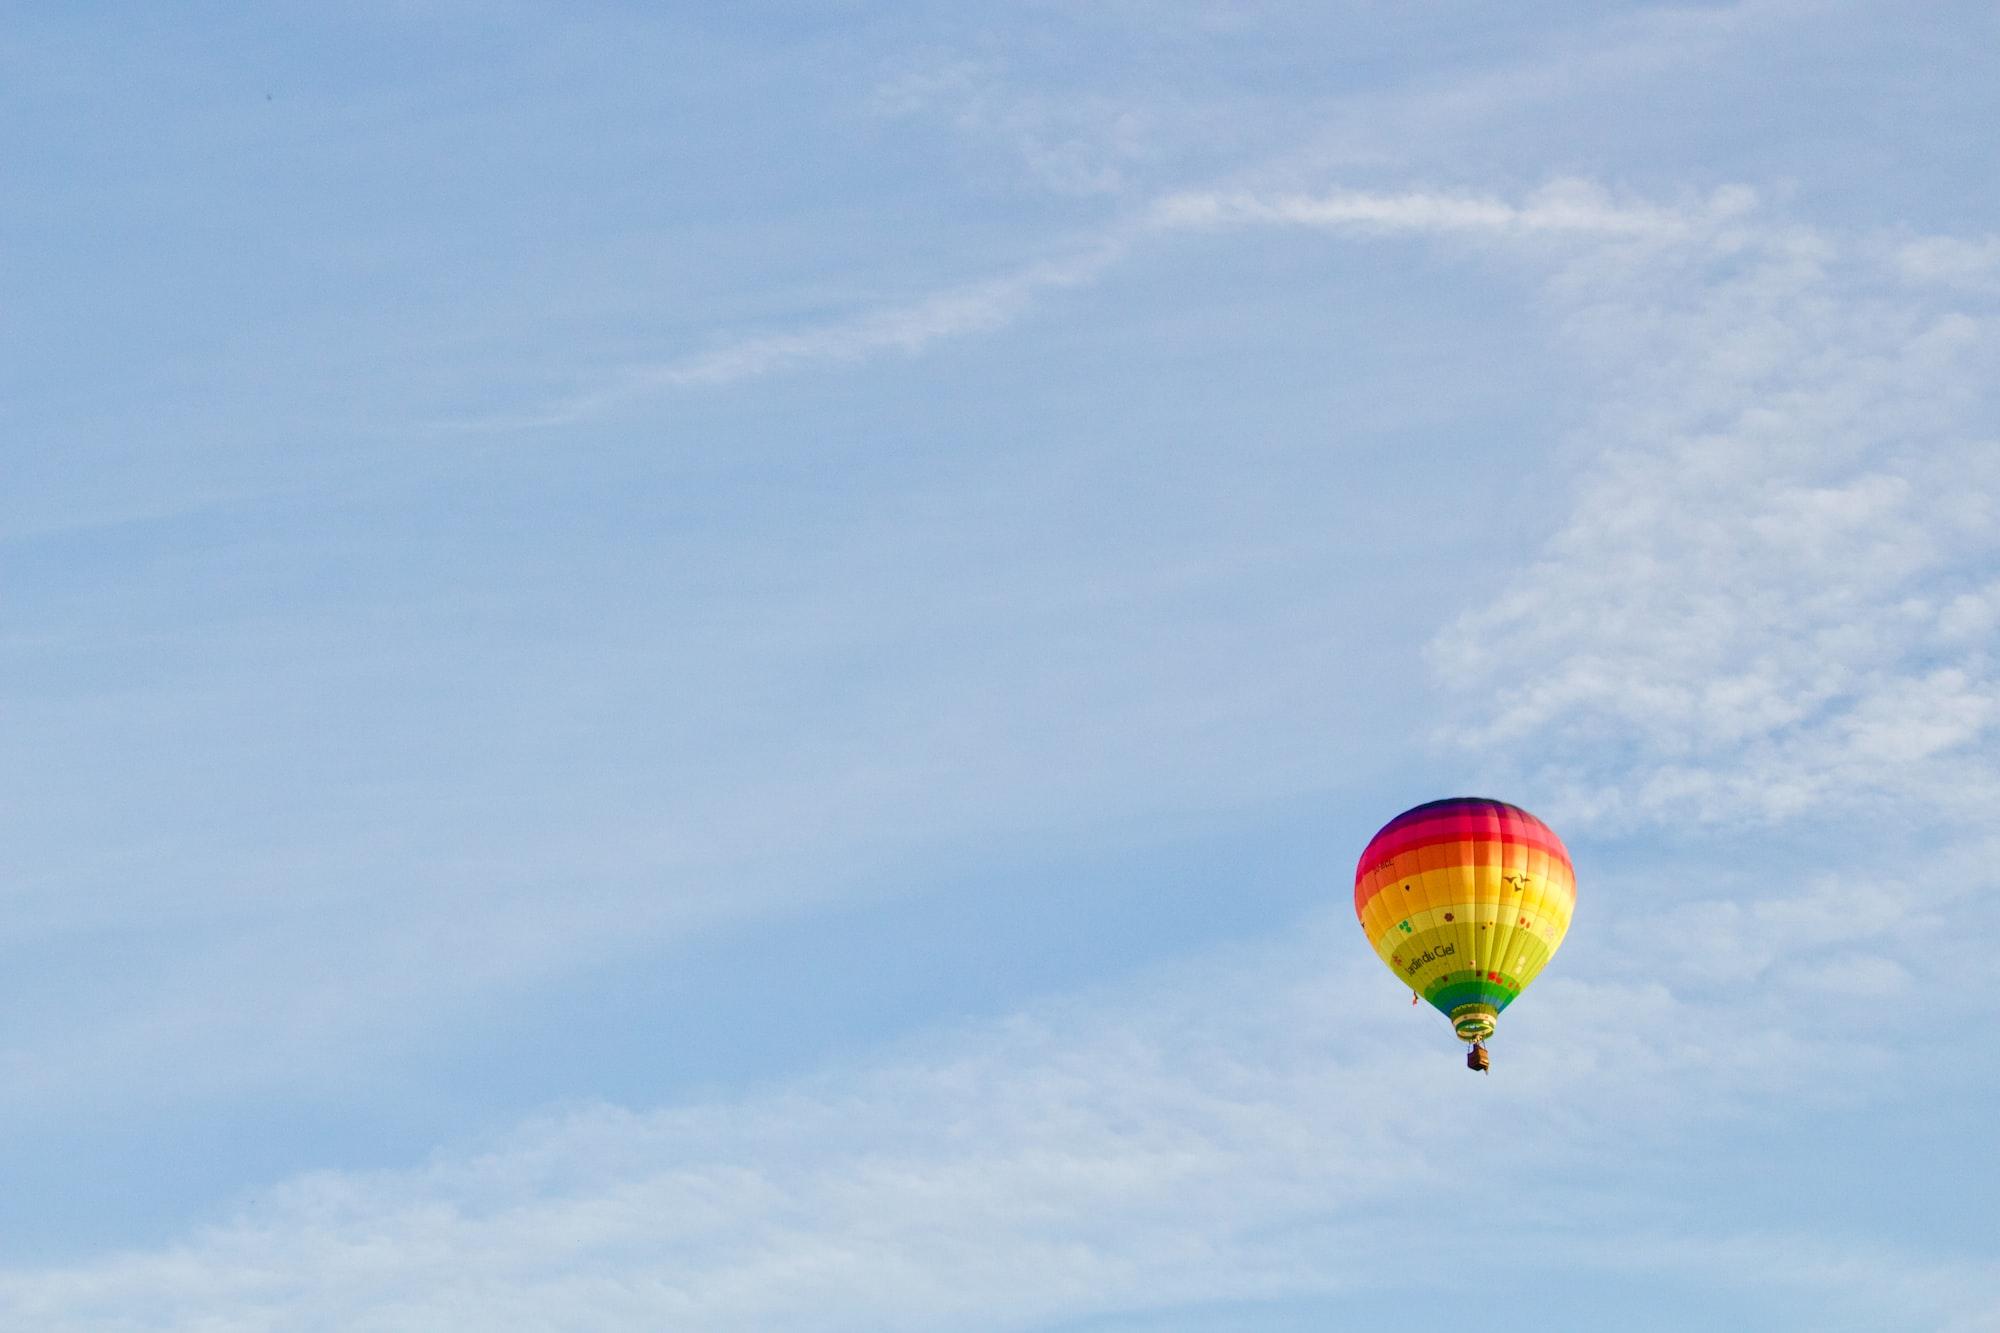 Hot Air-Balloon #1